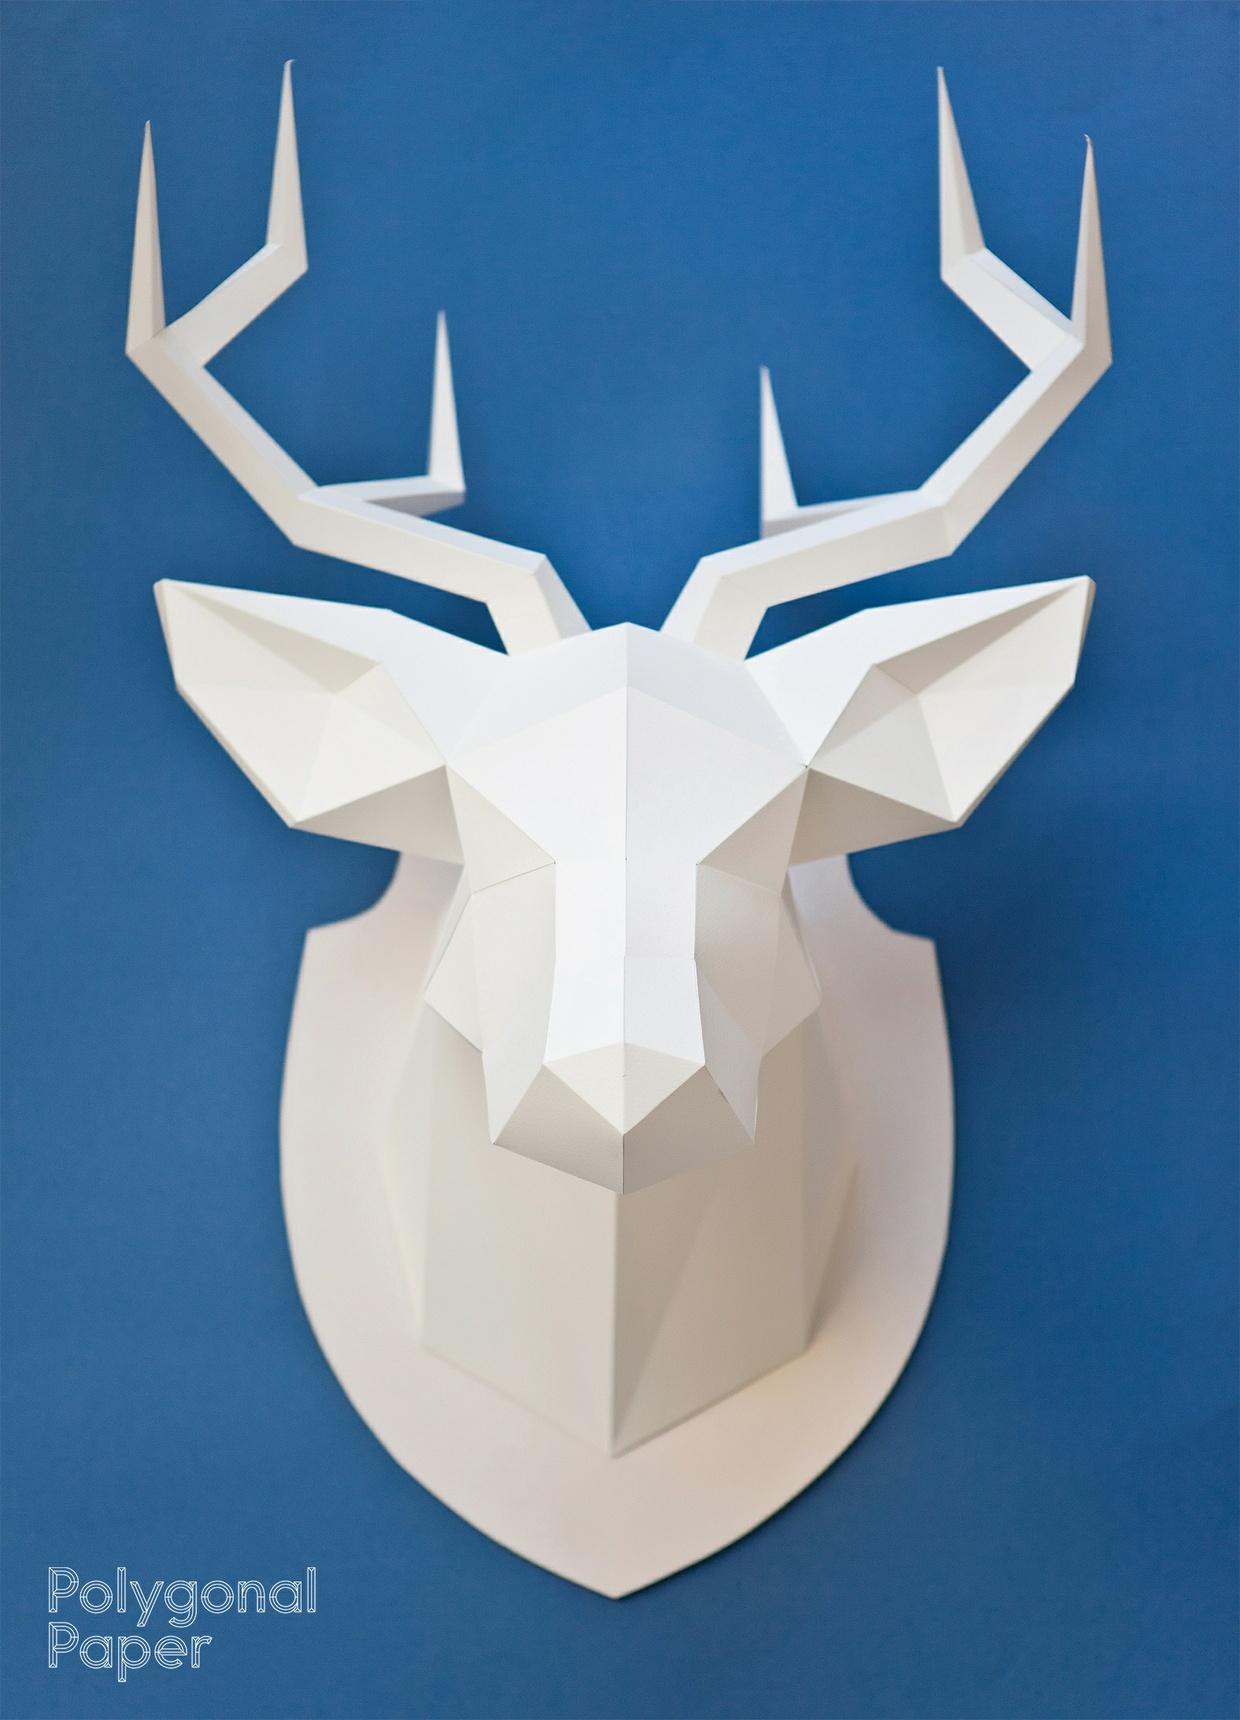 La plantilla 2d de la cabeza de ciervo (La instrucció